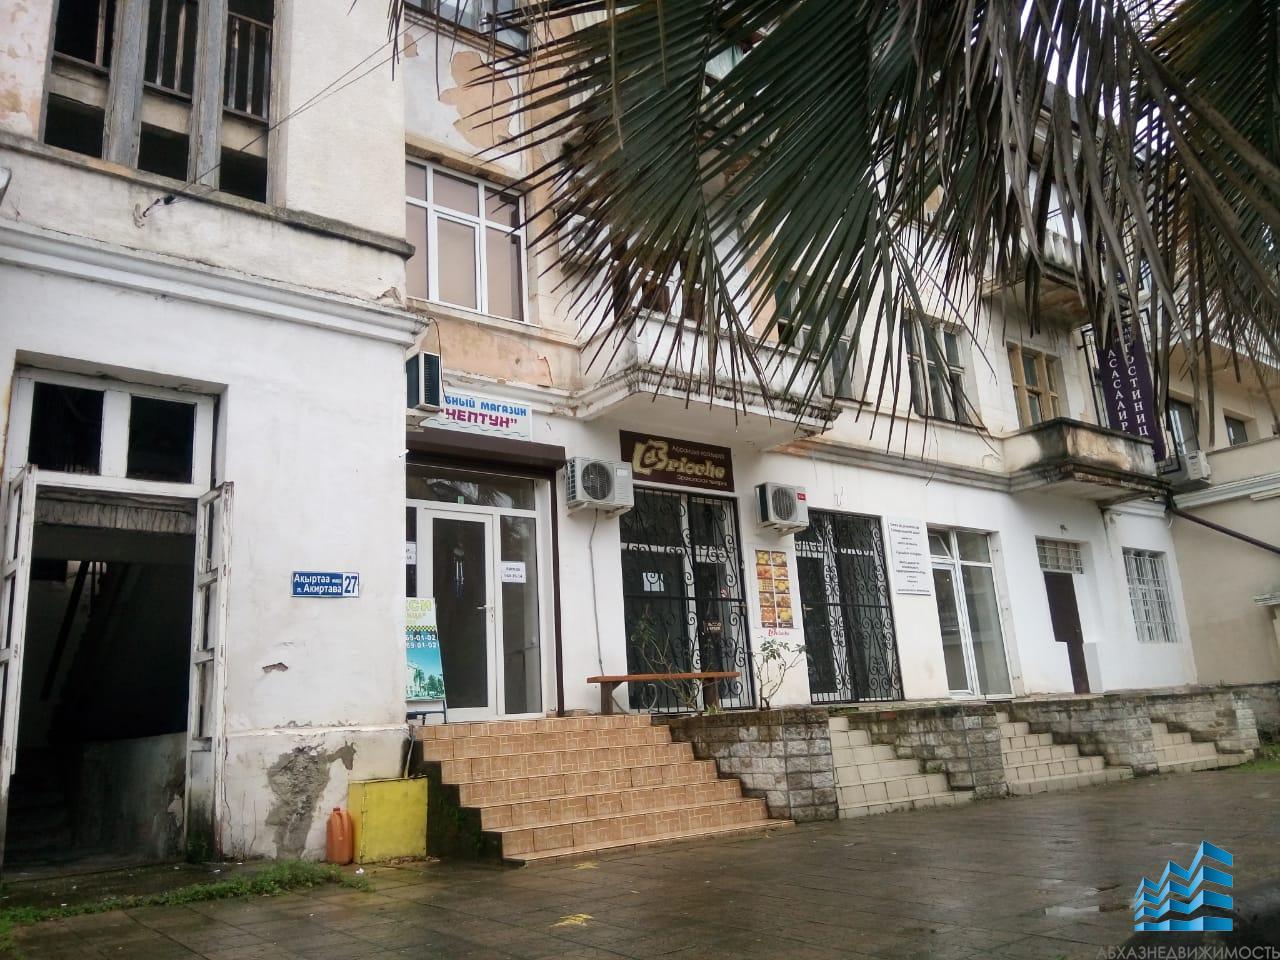 Коммерческая недвижимость сухум найти помещение под офис Ермолаевский переулок